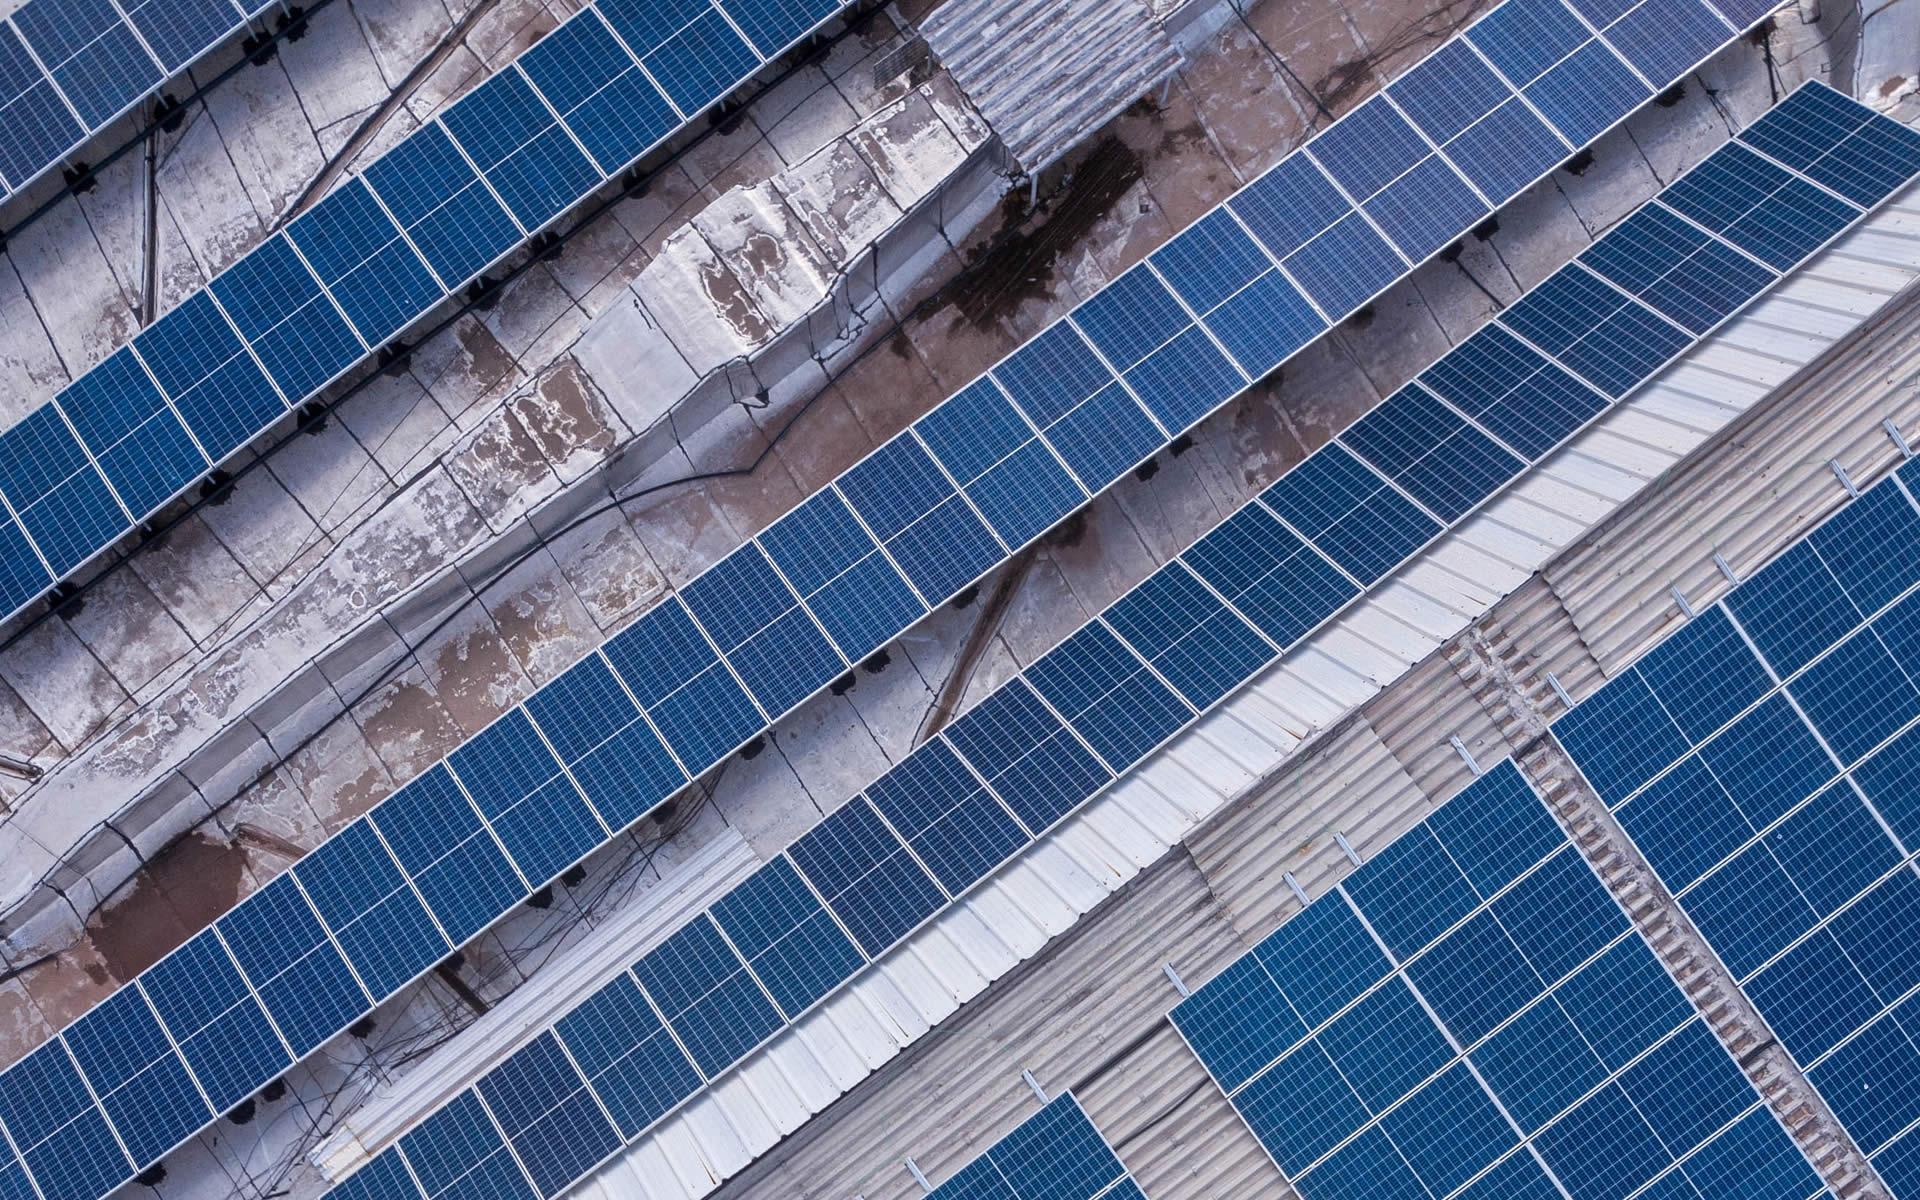 Pannelli solari a fine vita: l'energia rinnovabile diventa sfida per la gestione dei rifiuti